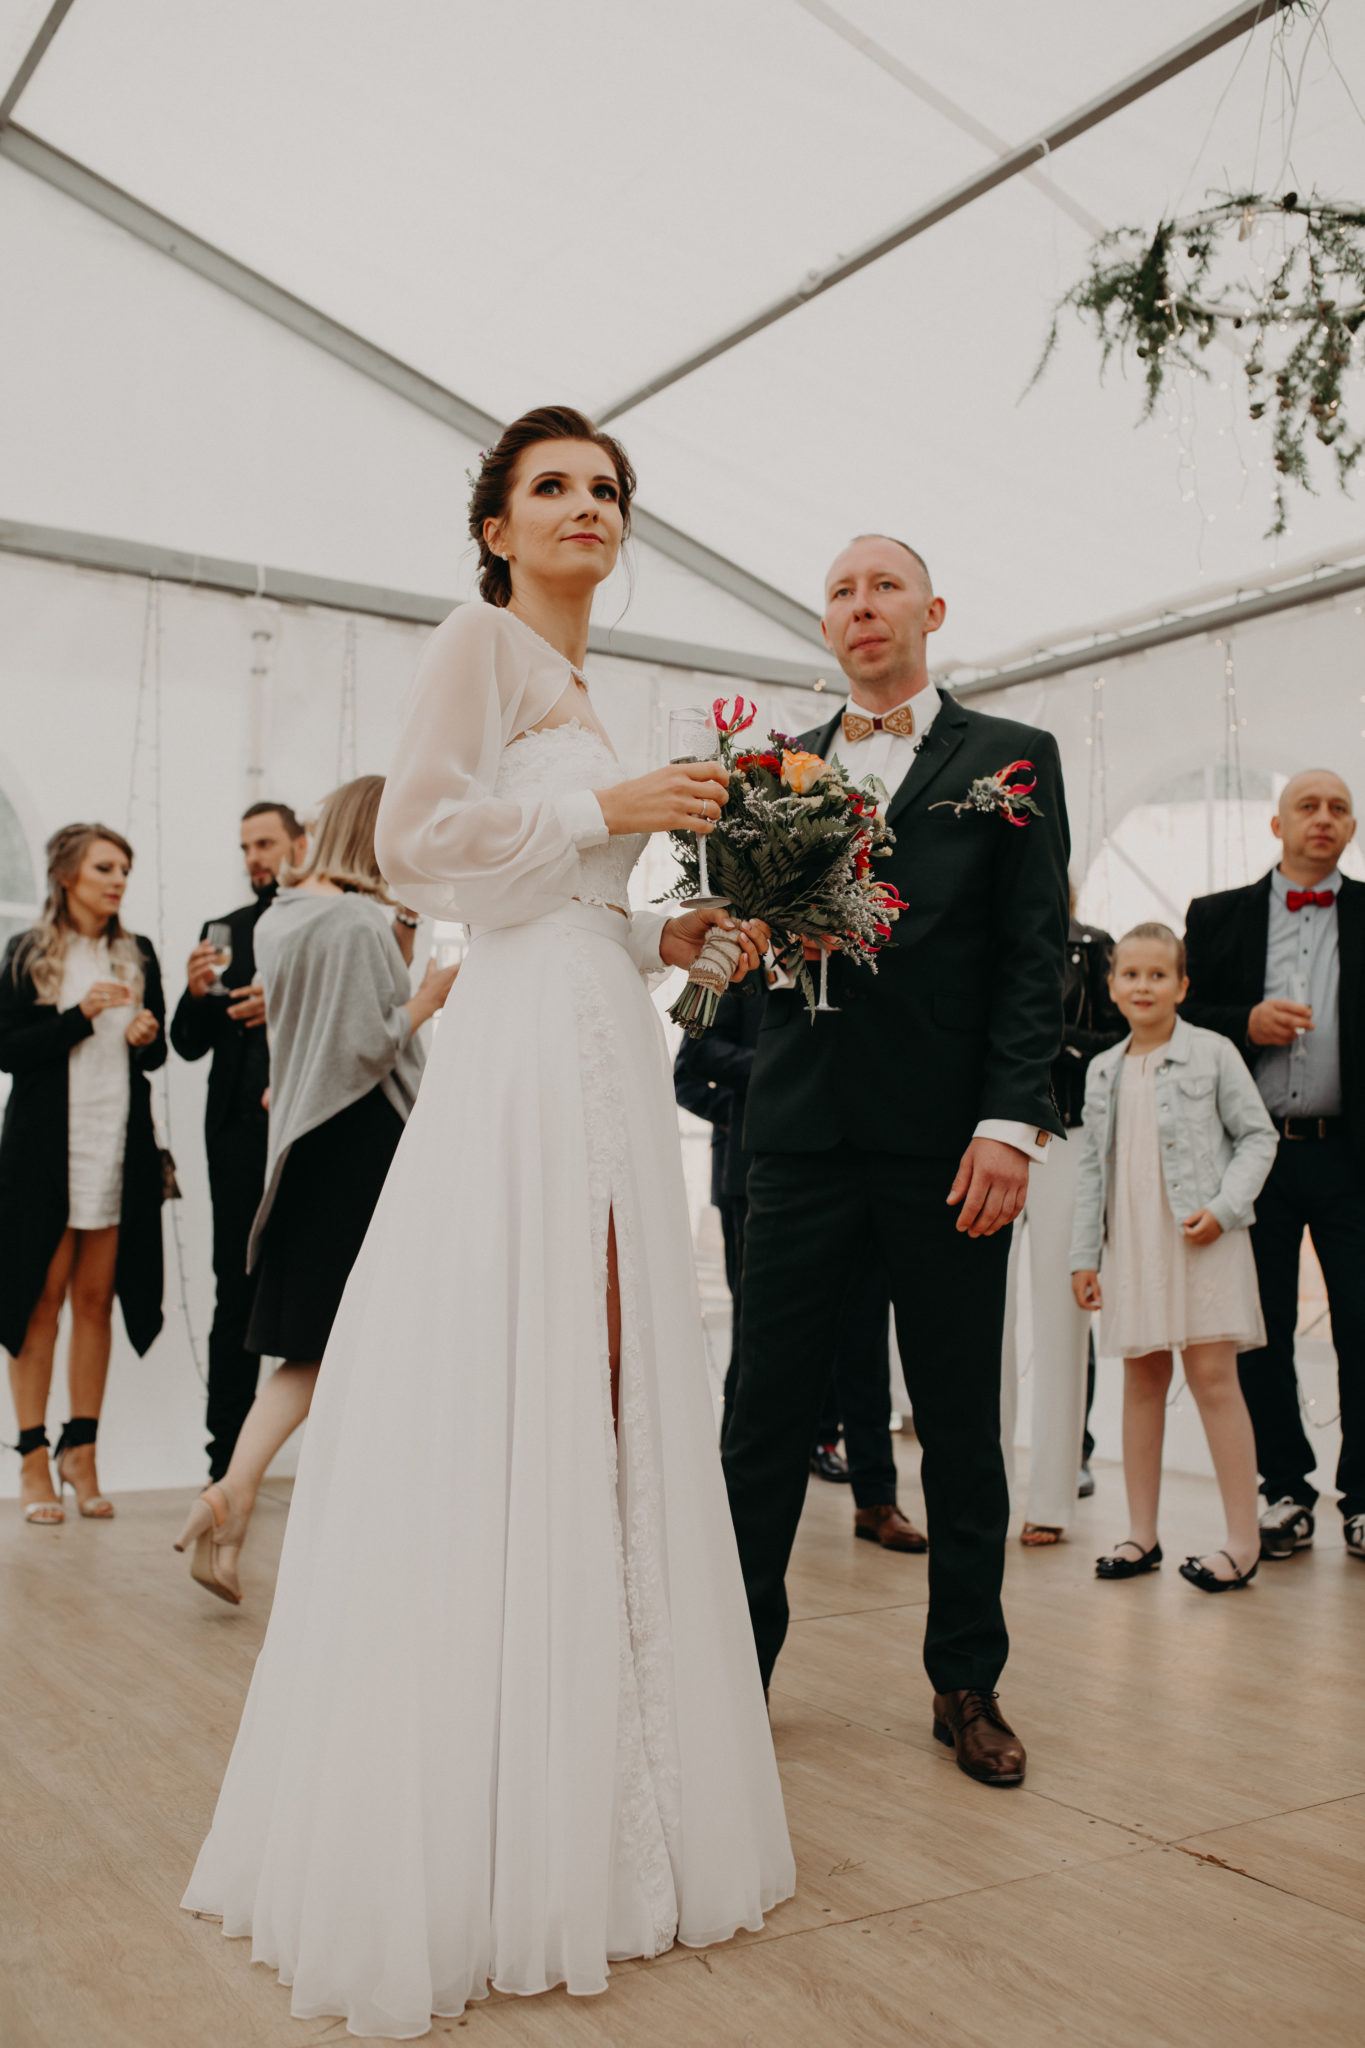 gosia i kuba84 - fotografiagk Fotografia ślubna RK wedding